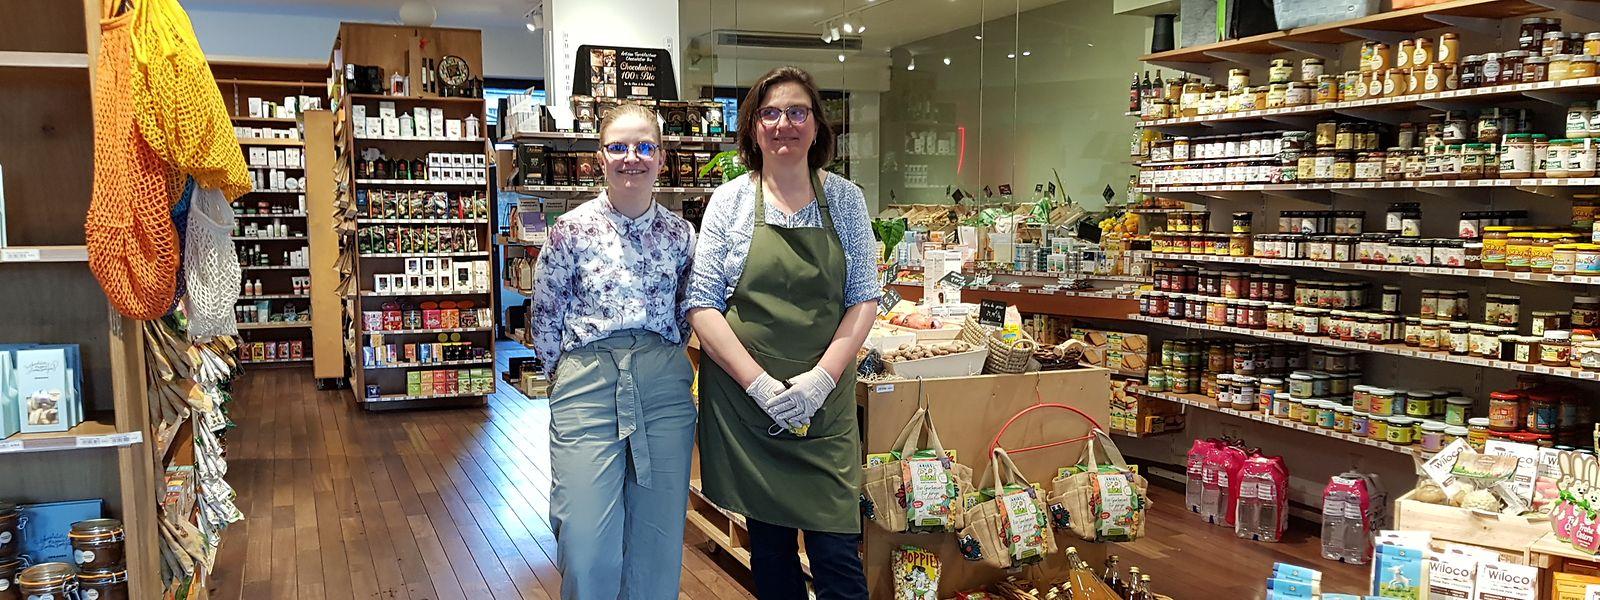 Zeit für ein Dankeschön: Die Kunden bringen Ophelie Kany (l.) und Irmi Rousset, Mitarbeiterinnen des Bio-Ladens Alavita in Bonneweg, jeden Tag Wertschätzung für deren Dienste entgegen.